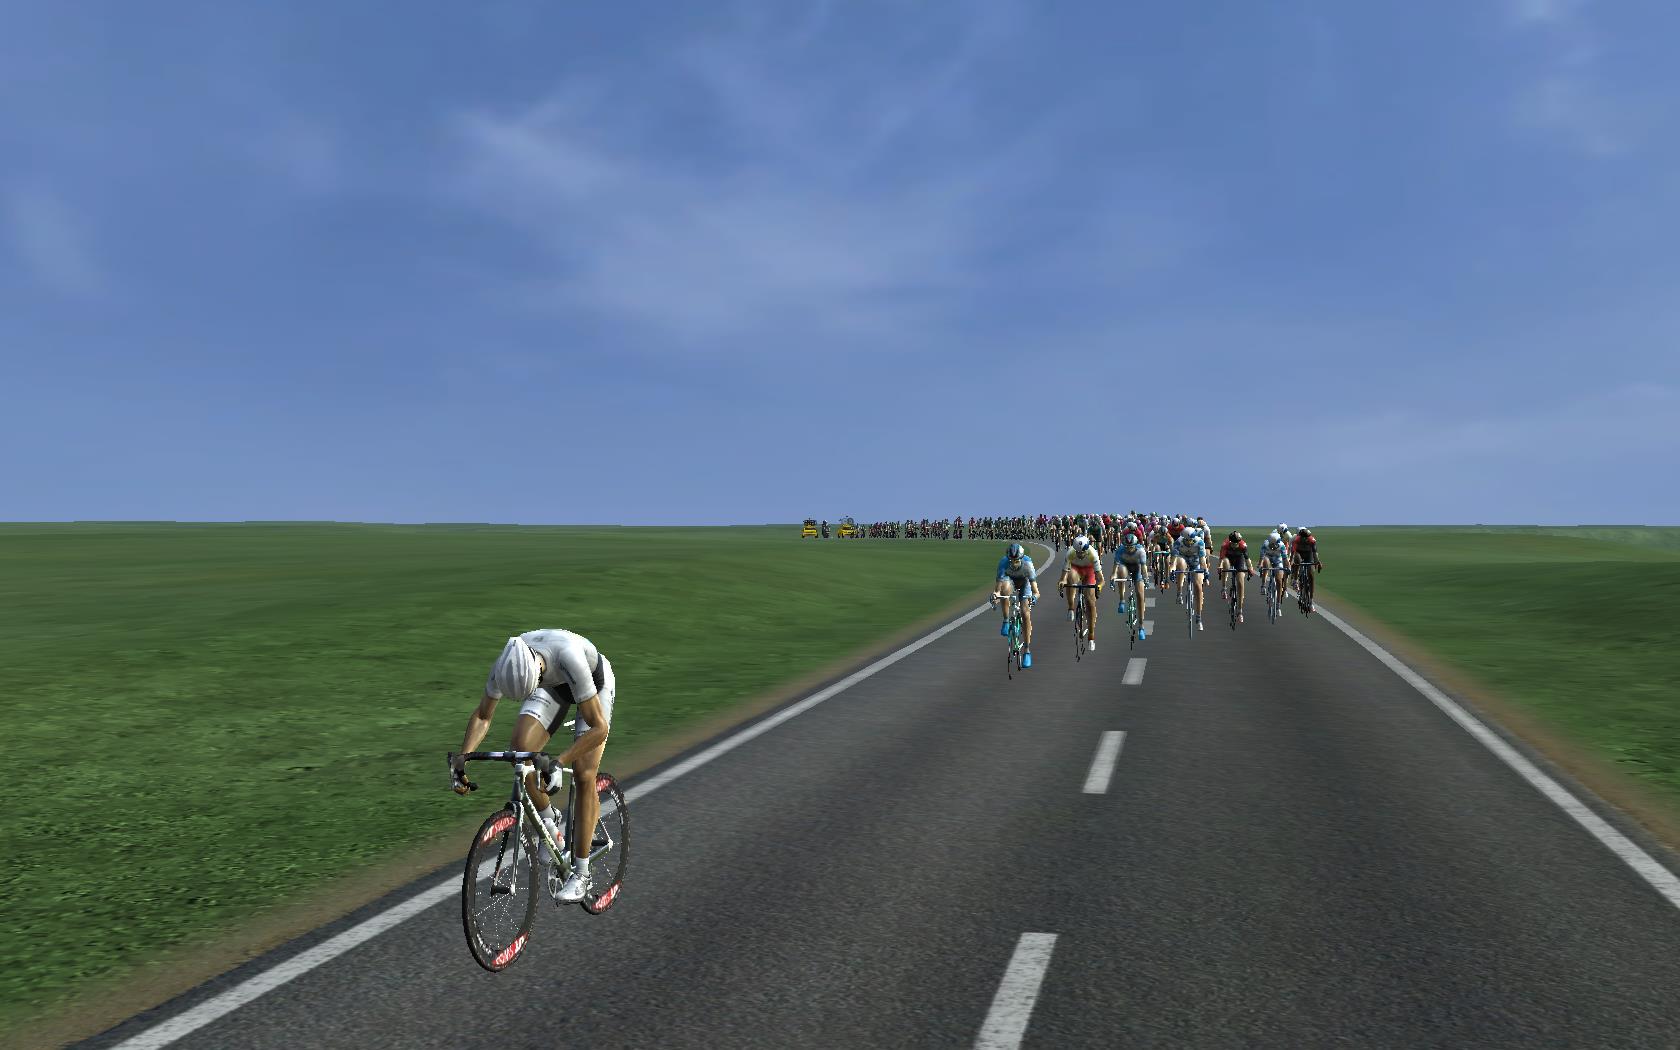 pcmdaily.com/images/mg/2018/Races/C2HC/ParisTours/PCM0007.jpg